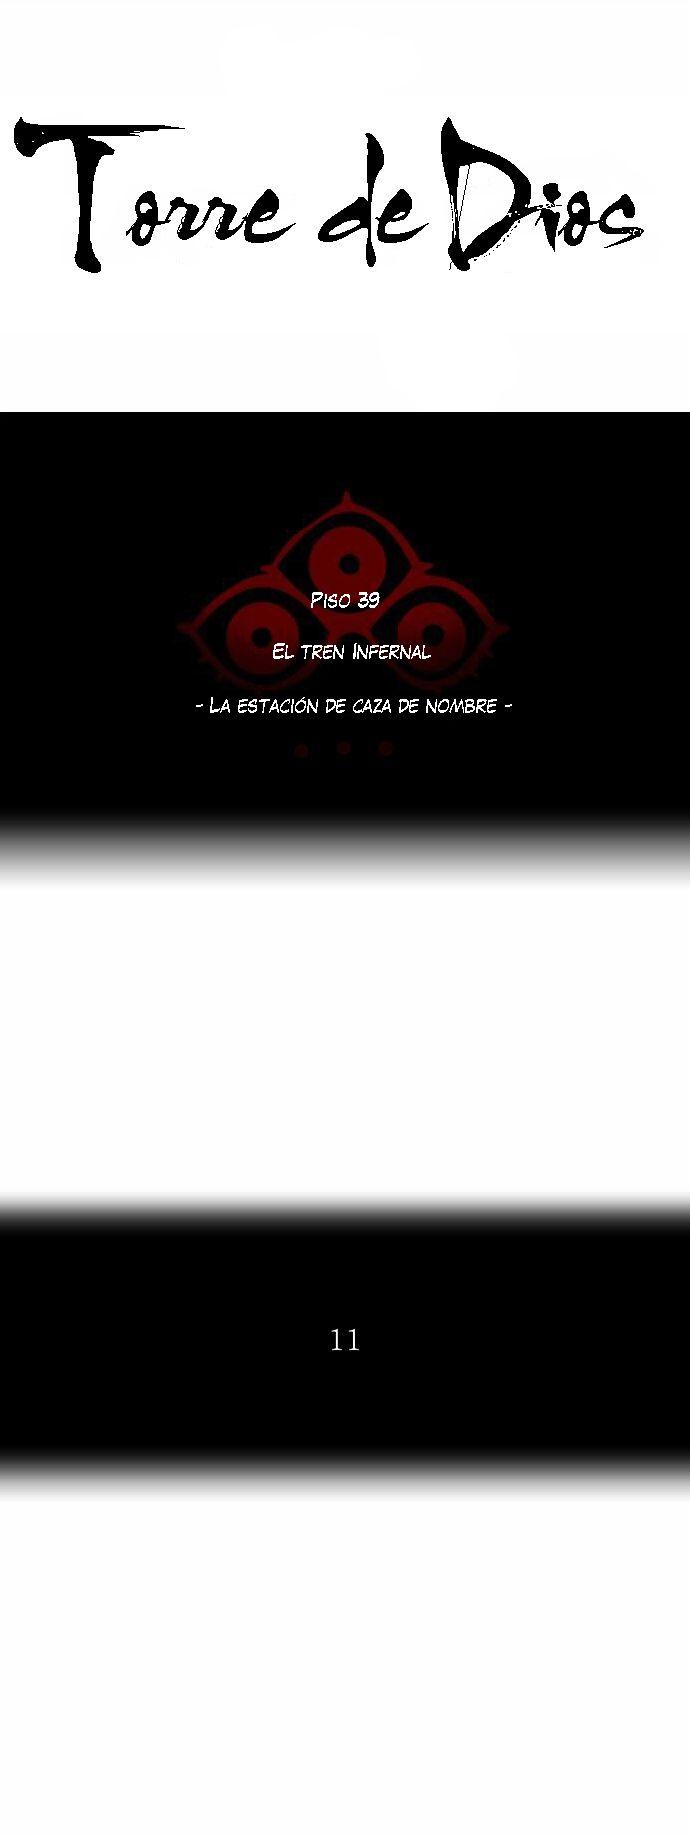 http://c5.ninemanga.com/es_manga/21/149/485523/4ad13f04ef4373992c9d3046200aa350.jpg Page 9